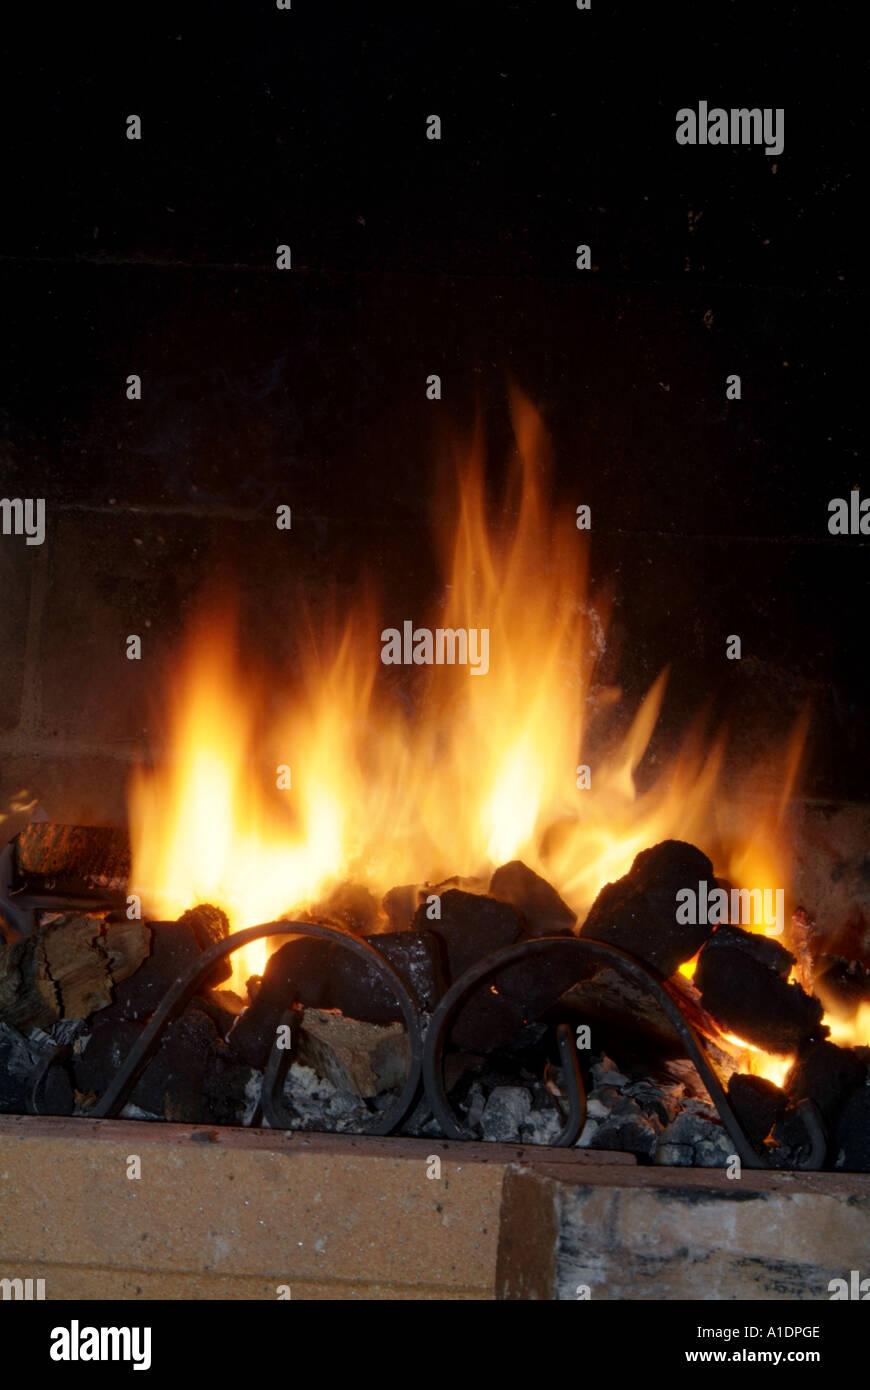 Ouvrez, Feu, flamme, flamme, brûler, brûler, charbon, bois, journaux, journaux, carbone, dioxyde de carbone, l'empreinte écologique, combustibles, carburant, chaleur, lumière, fumée, c Photo Stock